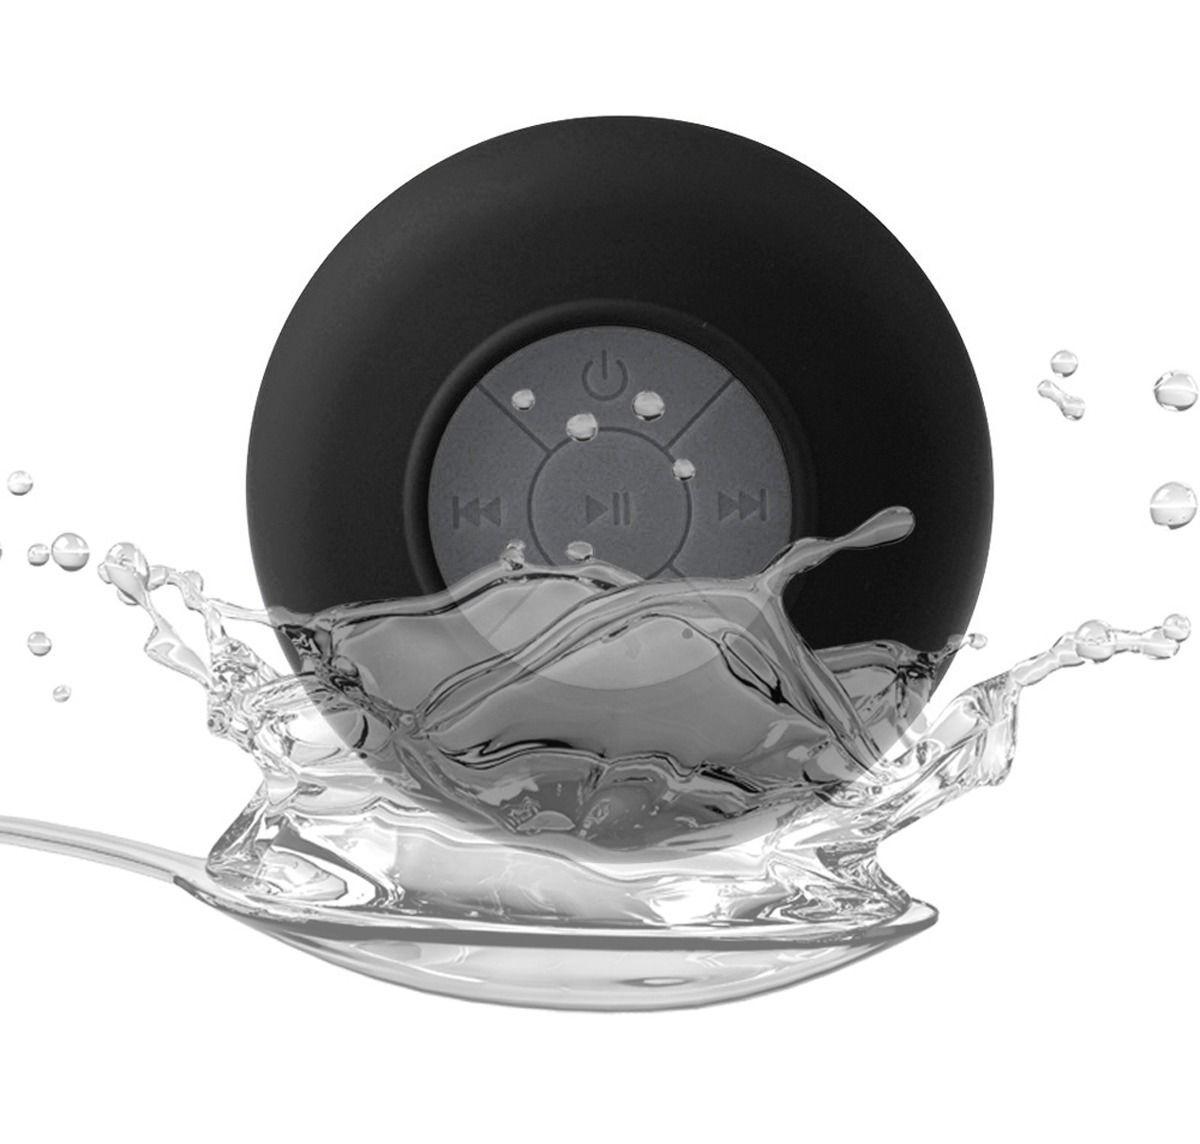 רמקול דיבורית Bluetooth לסמאטרפון למחשב ועוד, מוגן מים לשמיעת מוסיקה Pure Acoustics - תמונה 5